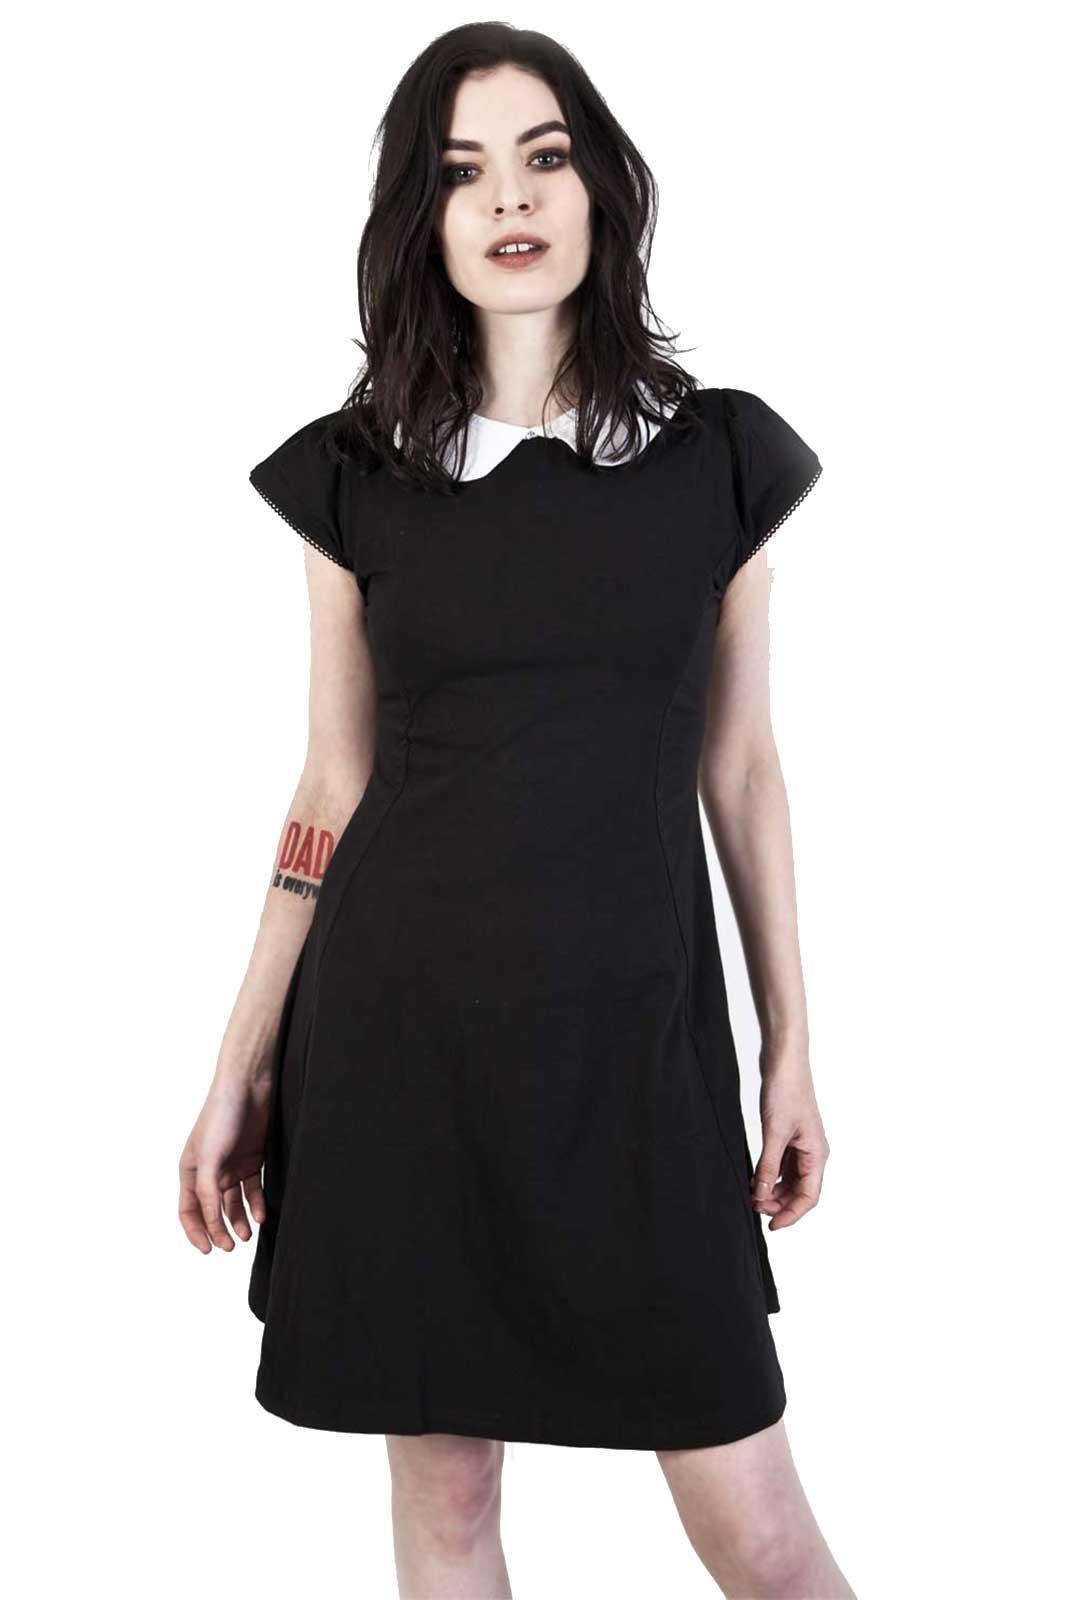 Suicide Dress